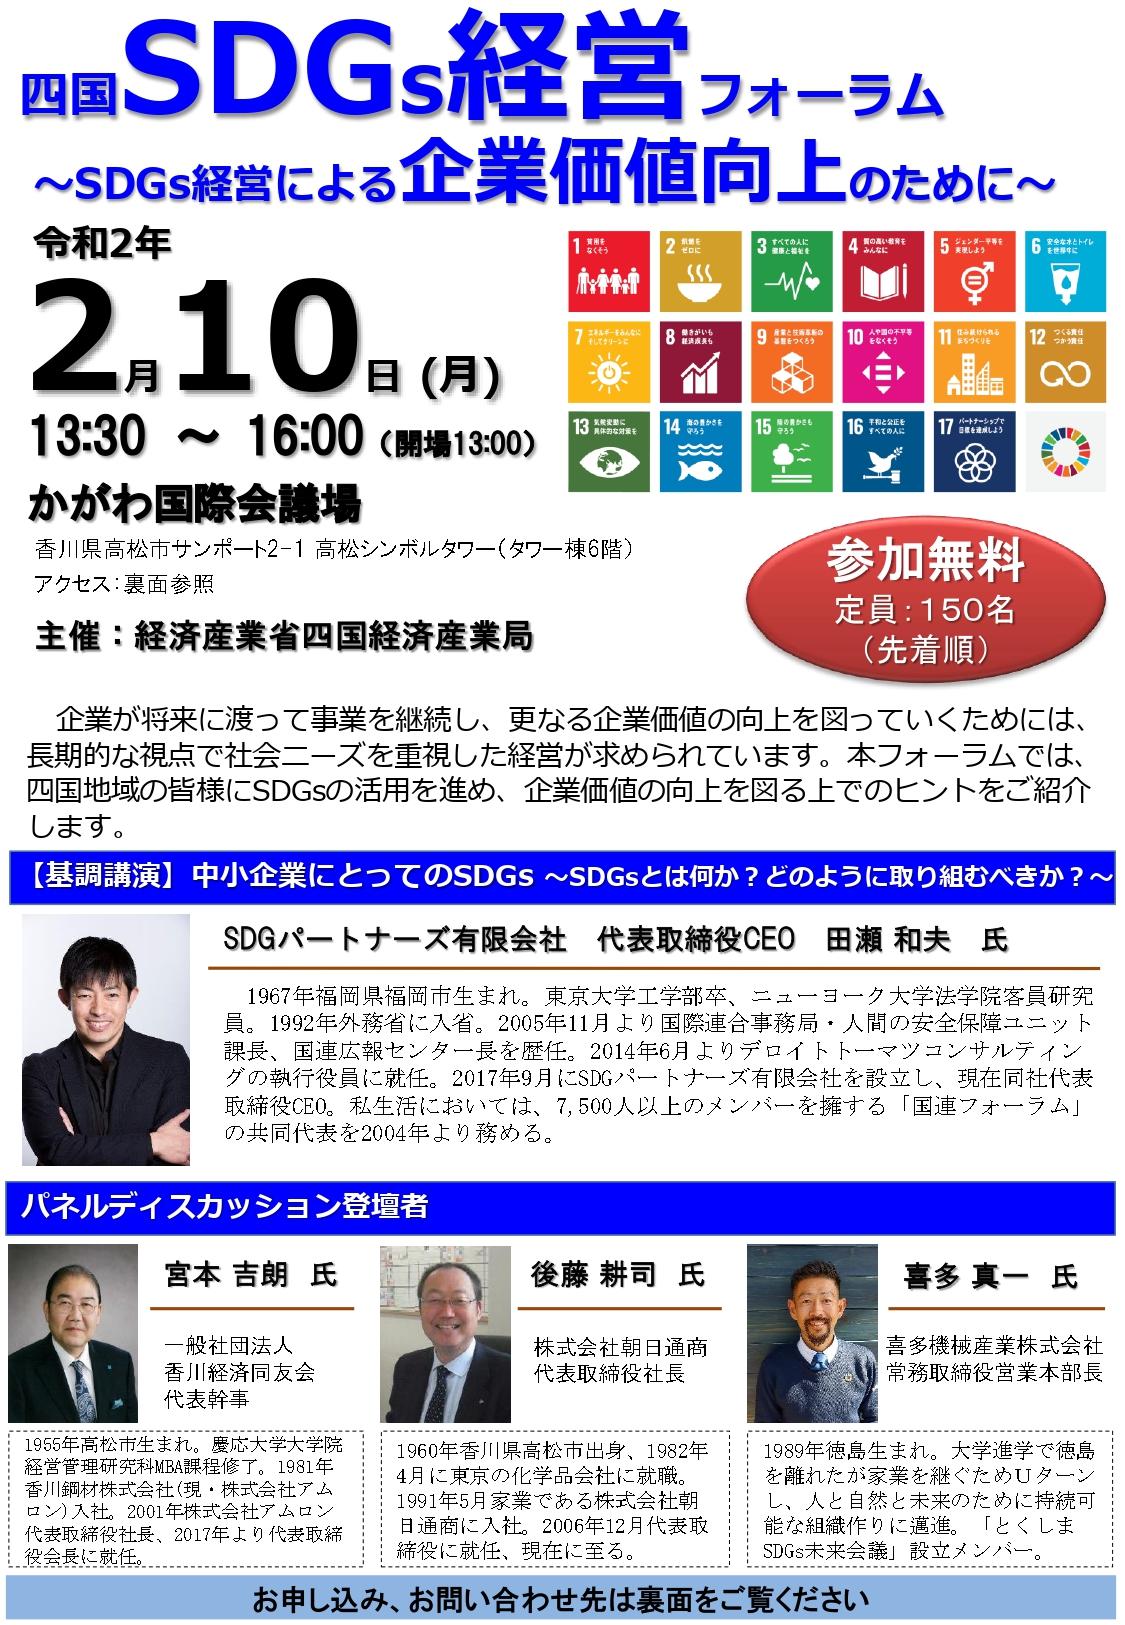 四国SDGs経営フォーラム 喜多登壇 in 高松